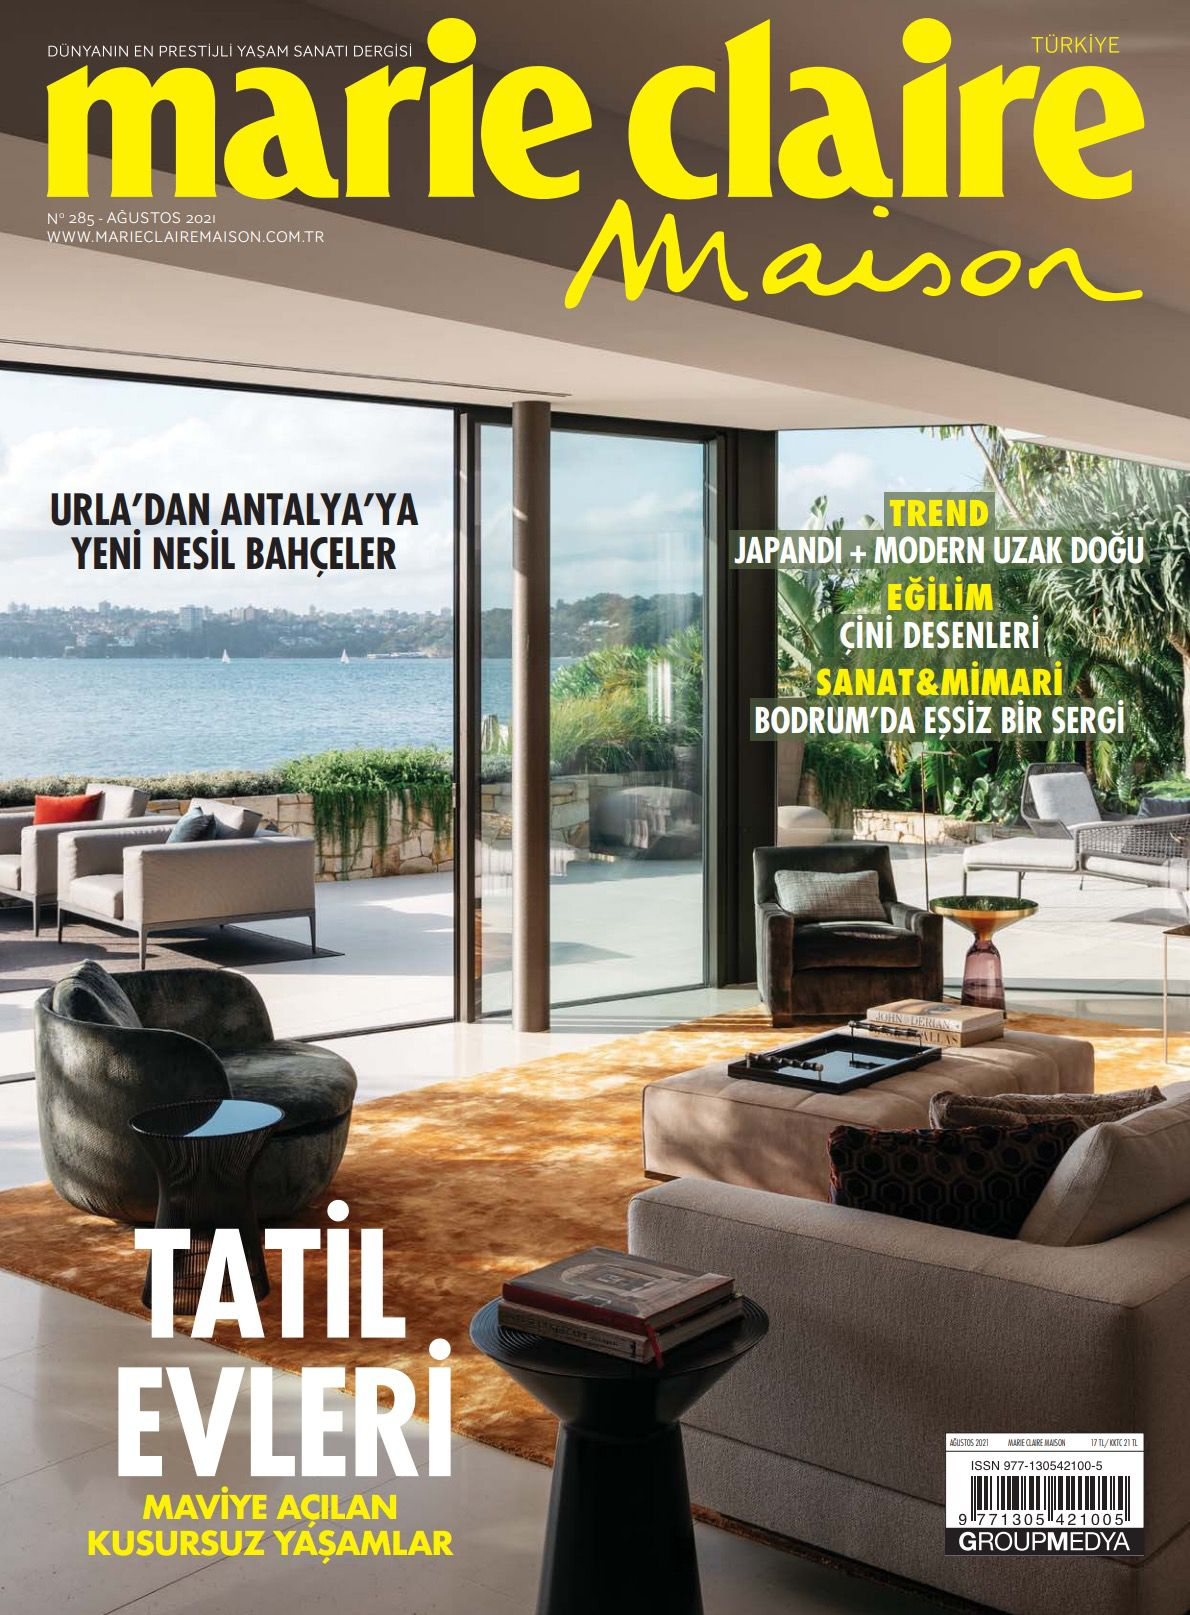 MARIE CLAIRE MAISON / AUGUST